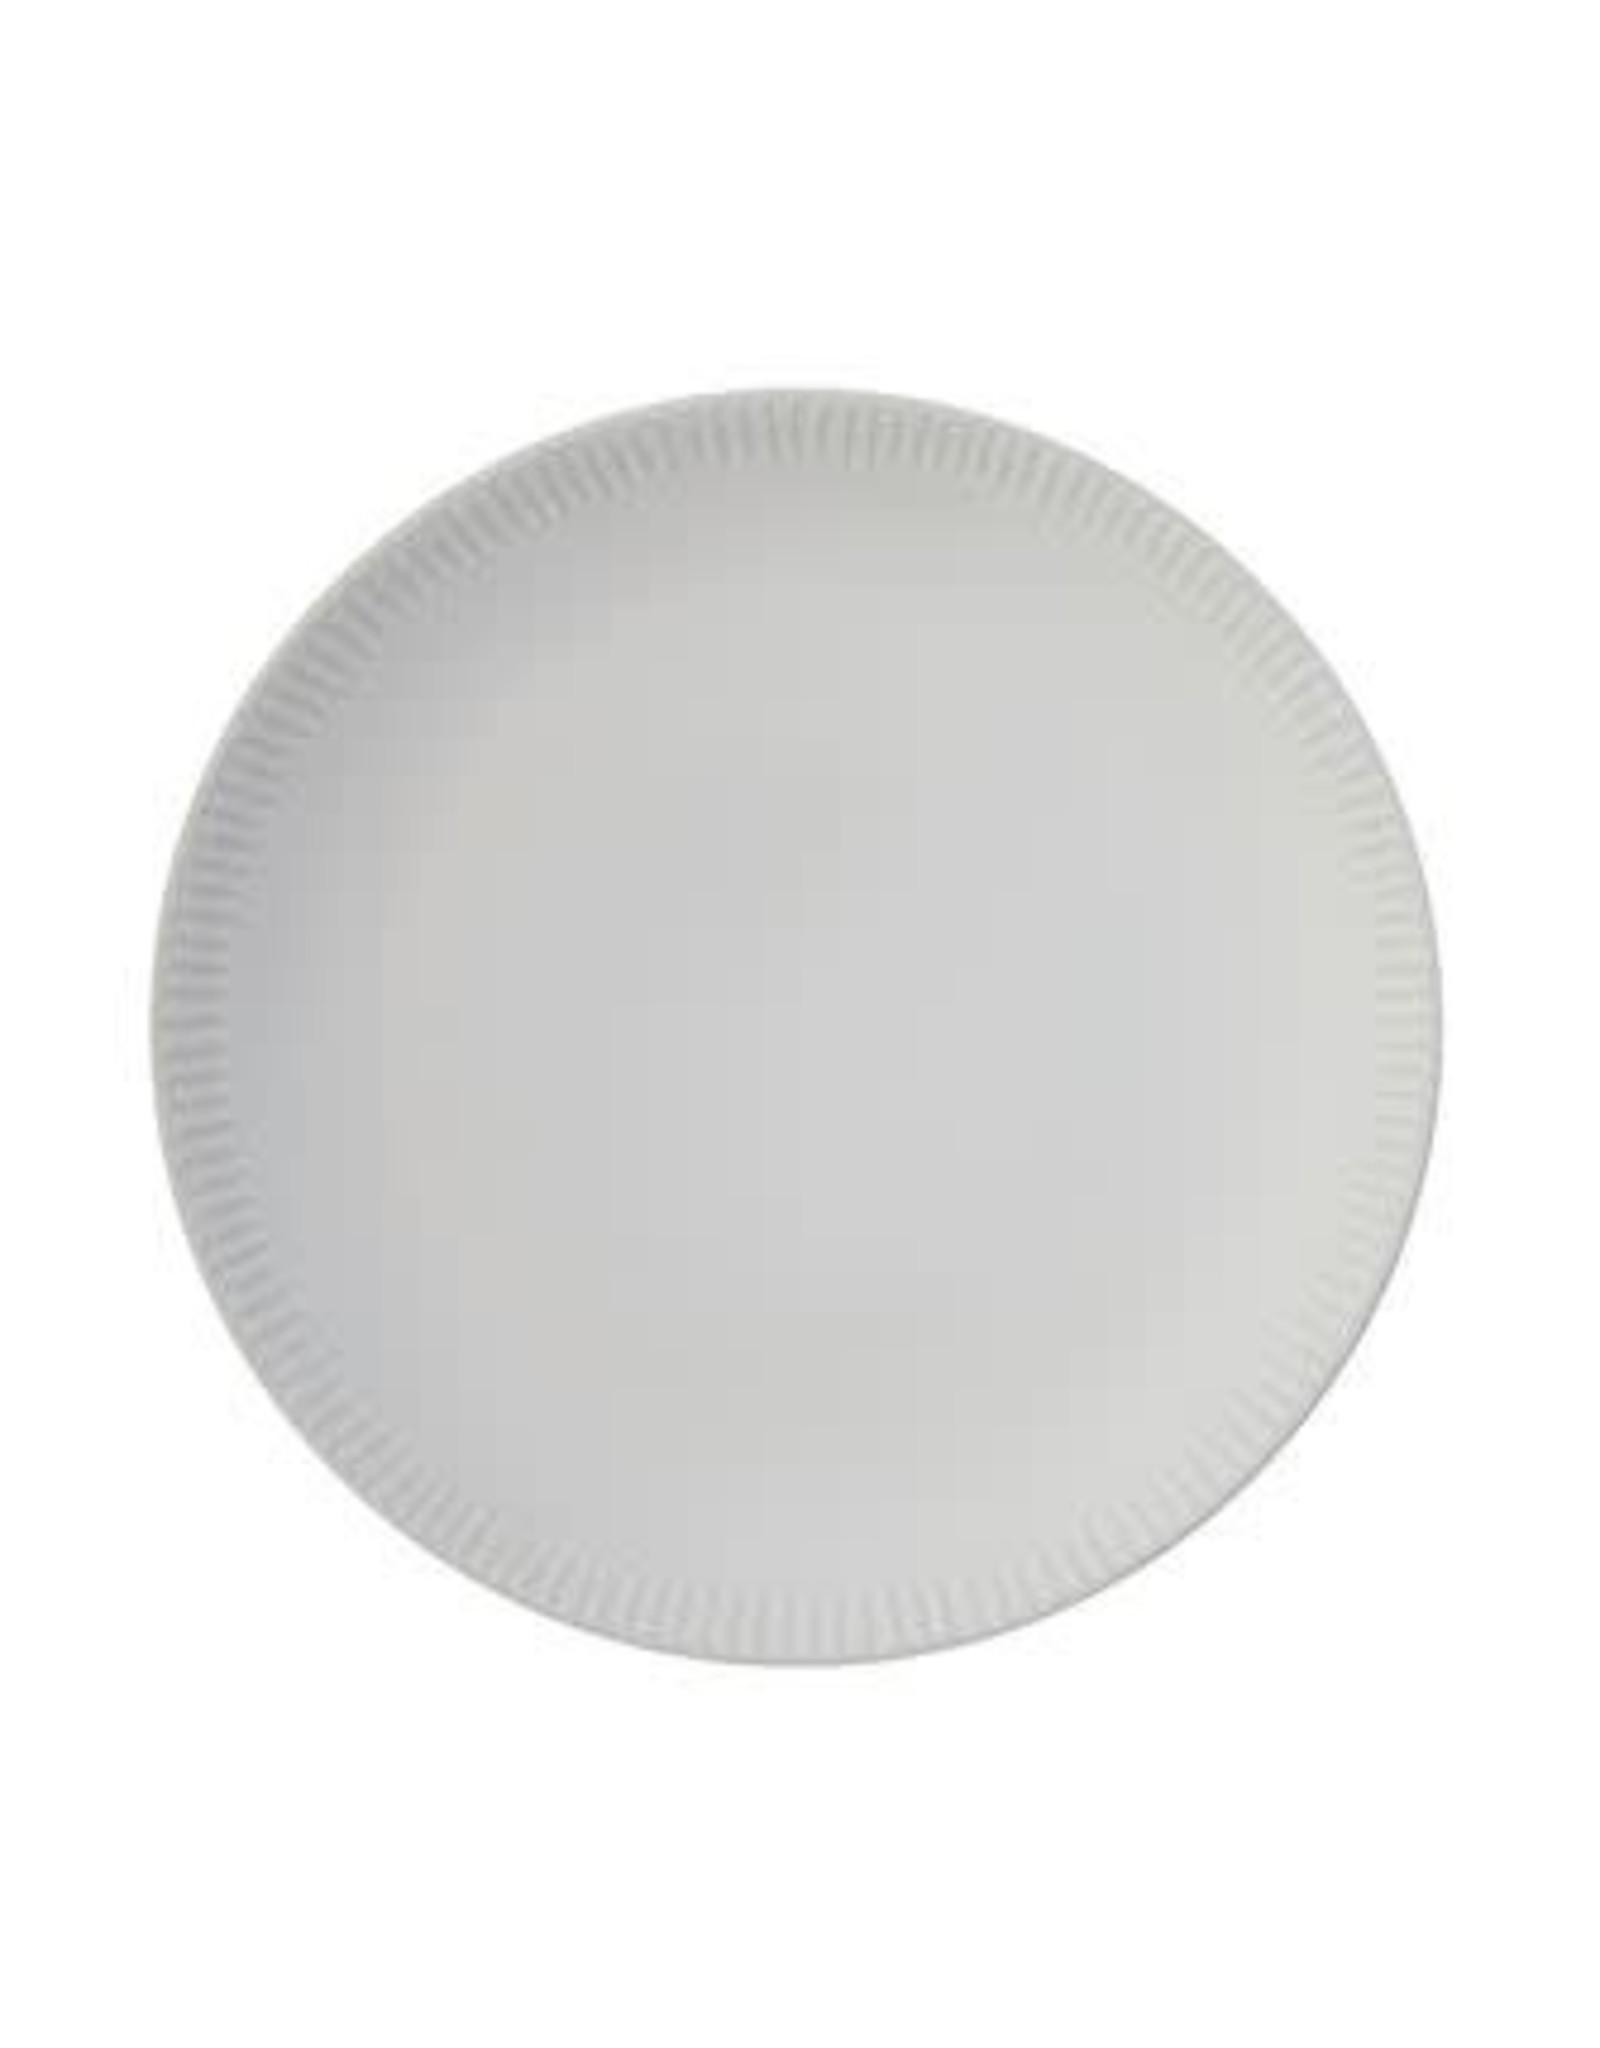 Stoneware Plate w/ Crimped Edge